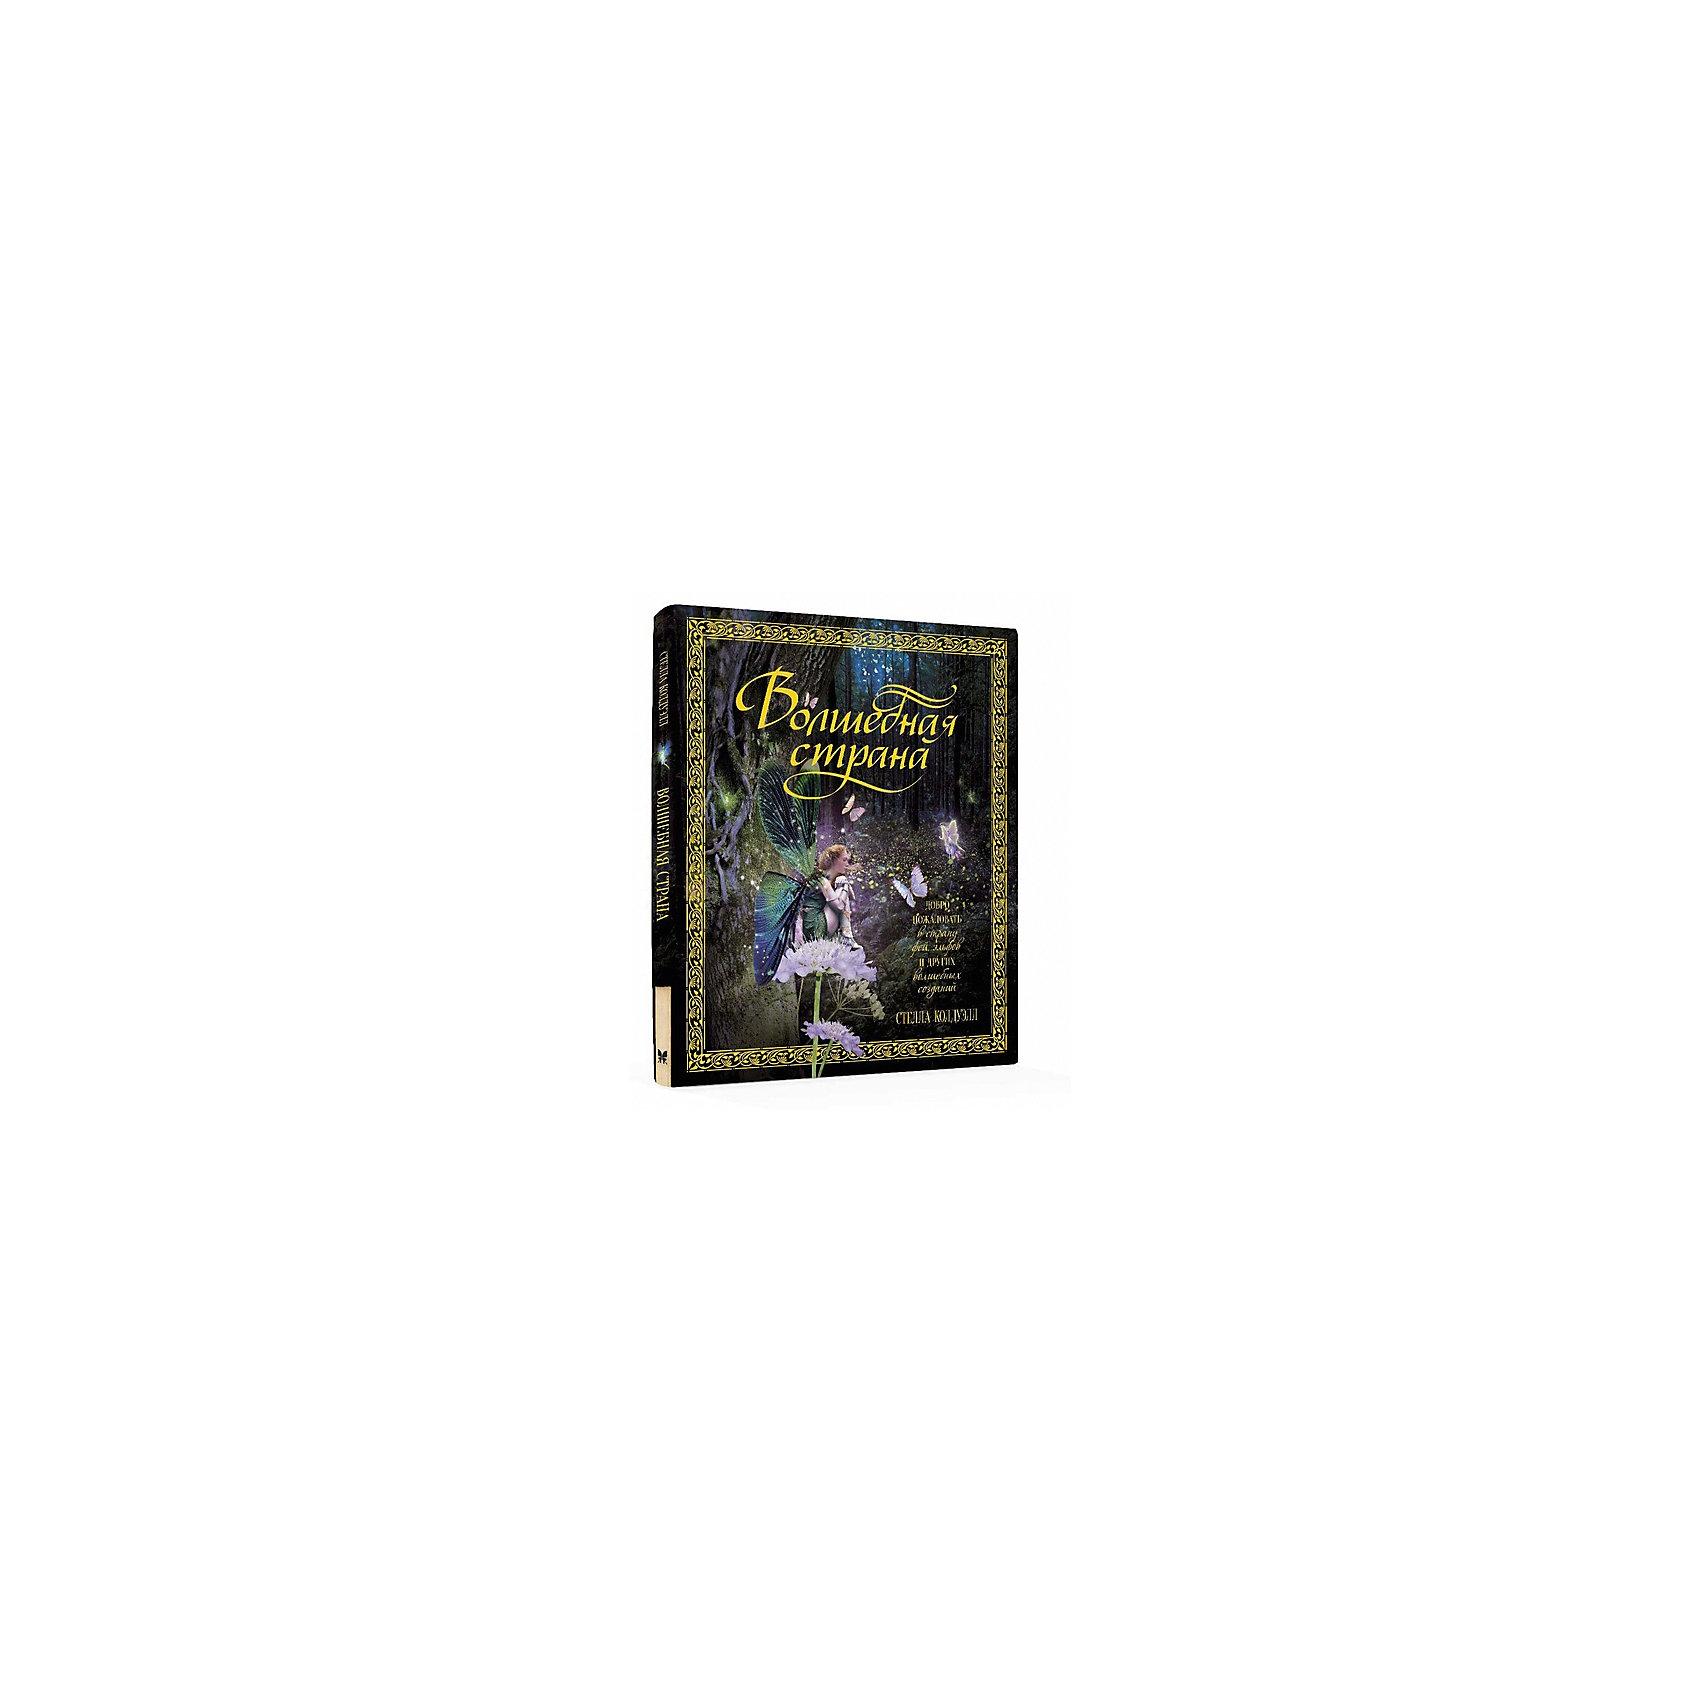 Волшебная страна, MACHAONМахаон<br>Книга Волшебная страна.<br><br>Характеристики:<br><br>• Автор: Стелла Колдуэлл<br>• Переводчик: Т. Покидаева<br>• Издательство: Махаон, 2016 г.<br>• Серия: Тайны и сокровища<br>• Тип обложки: твердый переплет, суперобложка<br>• Иллюстрации: цветные<br>• Количество страниц: 80<br>• Размер: 305x270х12 мм.<br>• Вес: 903 гр.<br>• ISBN: 9785389116351<br><br>Стелла Колдуэлл – почетный профессор Королевского института исследования волшебных существ, и известный во всем мире специалист по обитателям волшебной страны. Она много путешествует, собирая сведения о чудесных и необычных происшествиях, встречаясь с разными людьми и выступая с лекциями. В этой книге собраны выдержки из научных трудов профессора Колдуэлл, отрывки из ее дневников и рассказы о ее встречах с обитателями волшебной страны. Фотографии чудесных предметов из коллекции Колдуэлл доказывают, что волшебная страна существует и открывается всякому, кто в нее верит.<br><br>Книгу Волшебная страна можно купить в нашем интернет-магазине.<br><br>Ширина мм: 305<br>Глубина мм: 270<br>Высота мм: 120<br>Вес г: 903<br>Возраст от месяцев: 132<br>Возраст до месяцев: 168<br>Пол: Унисекс<br>Возраст: Детский<br>SKU: 5493497